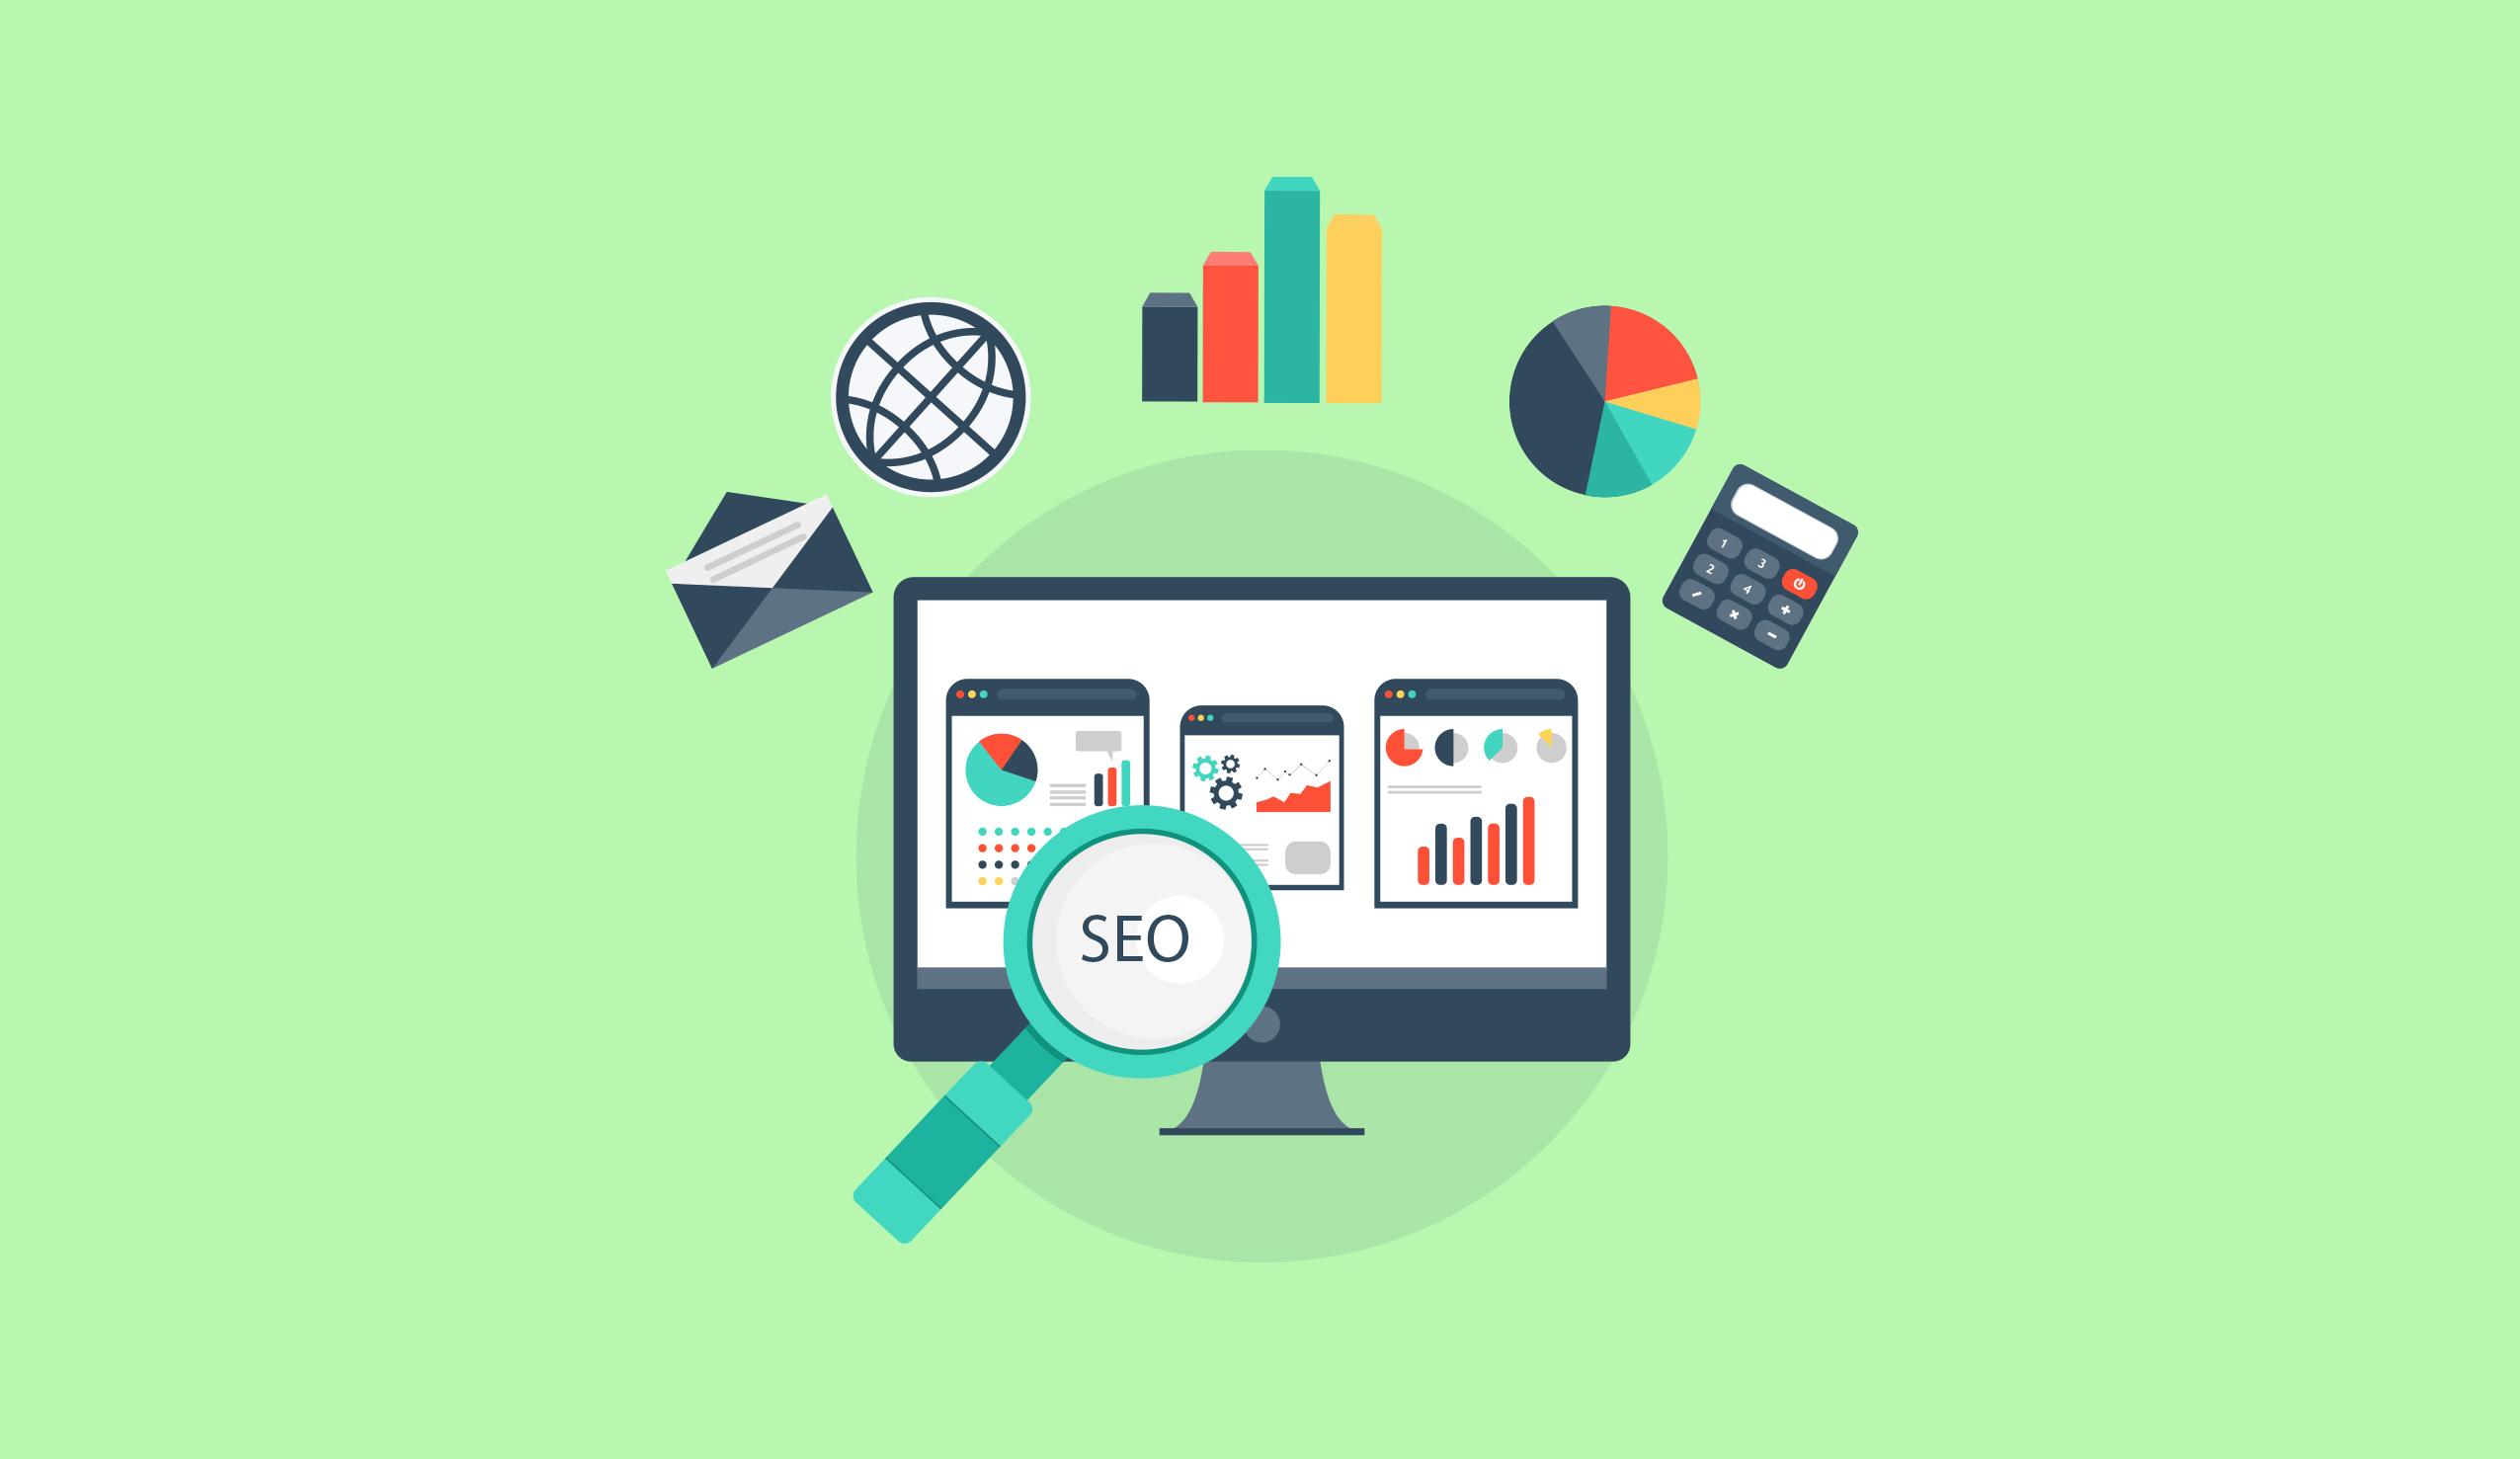 Tre consigli SEO oltre le pratiche suggerite da Google